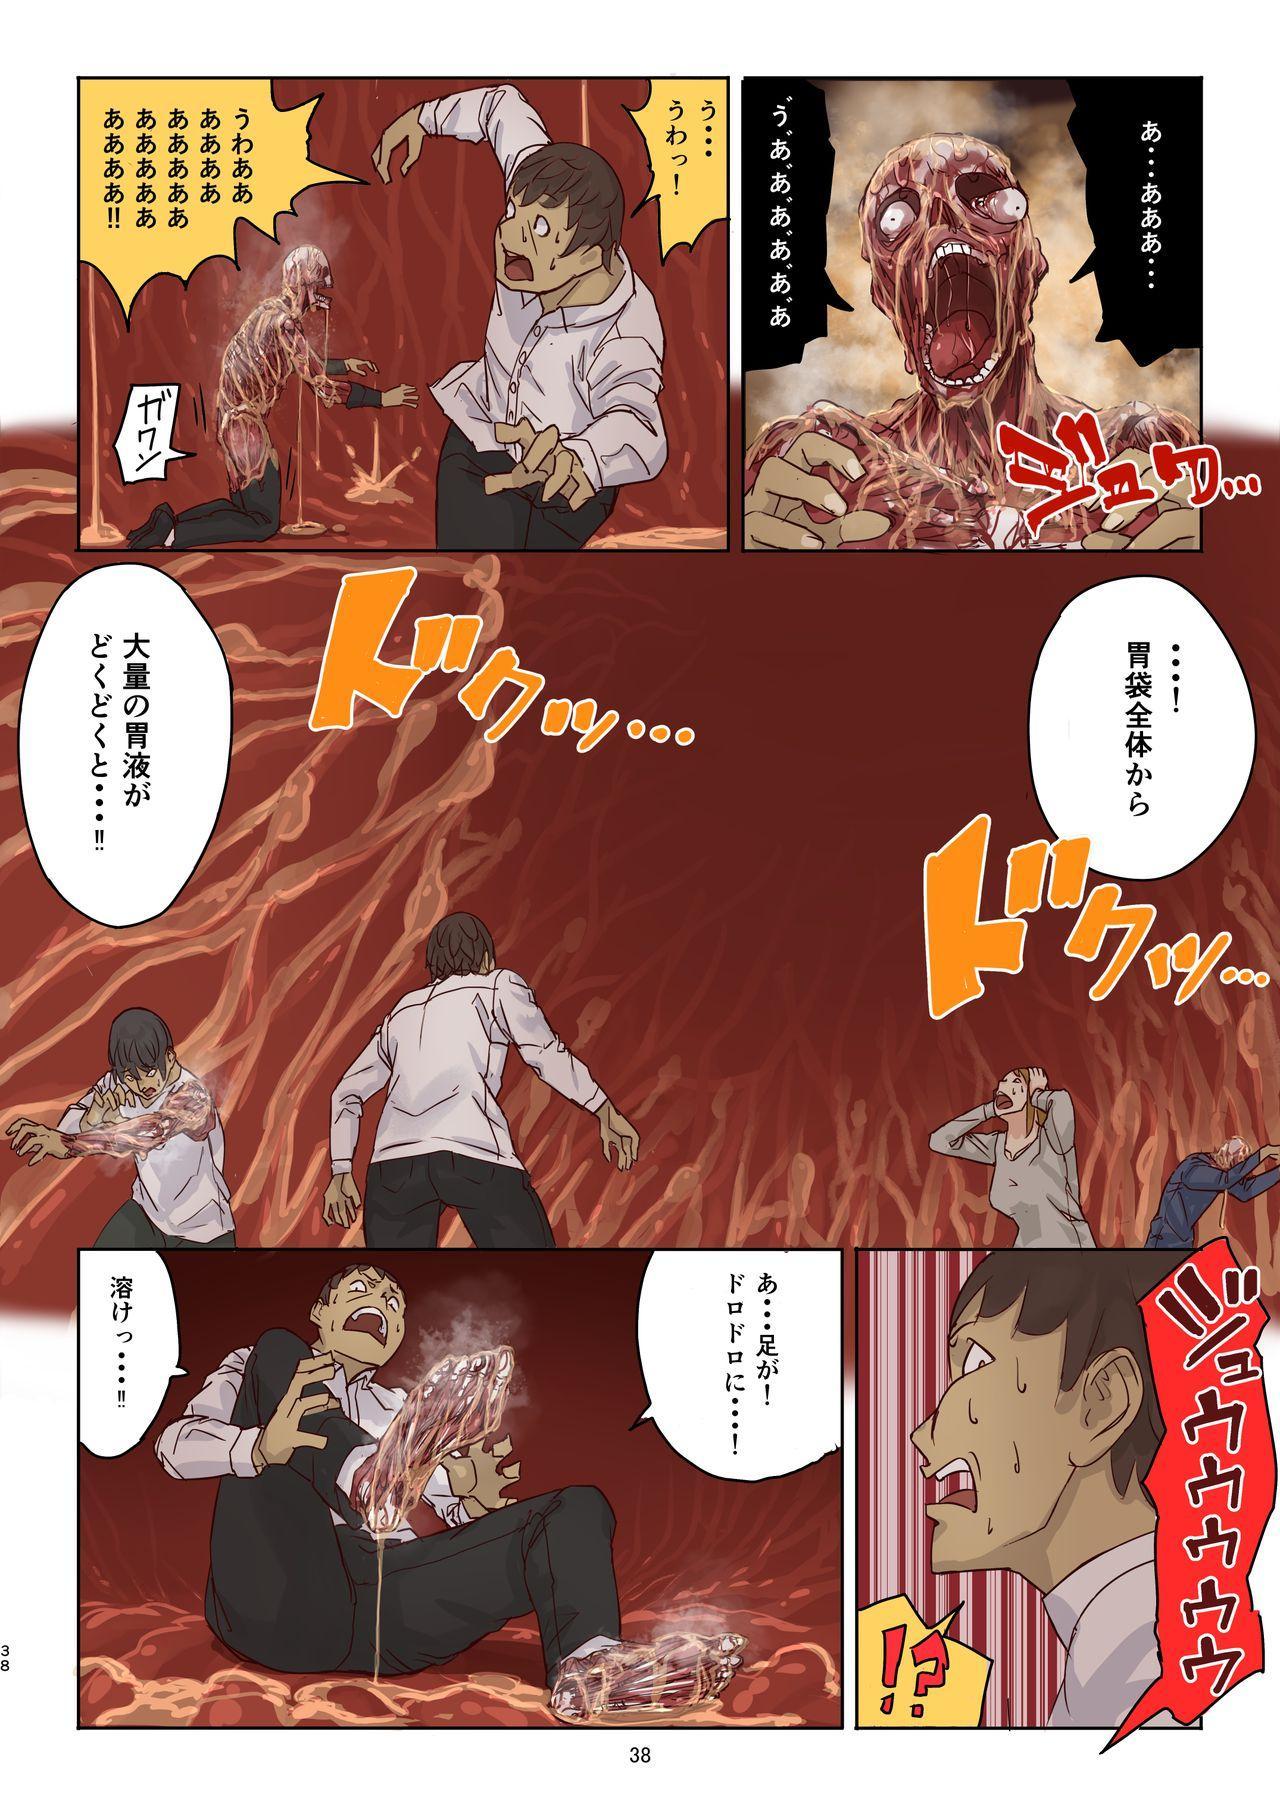 Zankoku Kyodai Musume Fondue-chan no Ecchi na Gyakusatsu 37